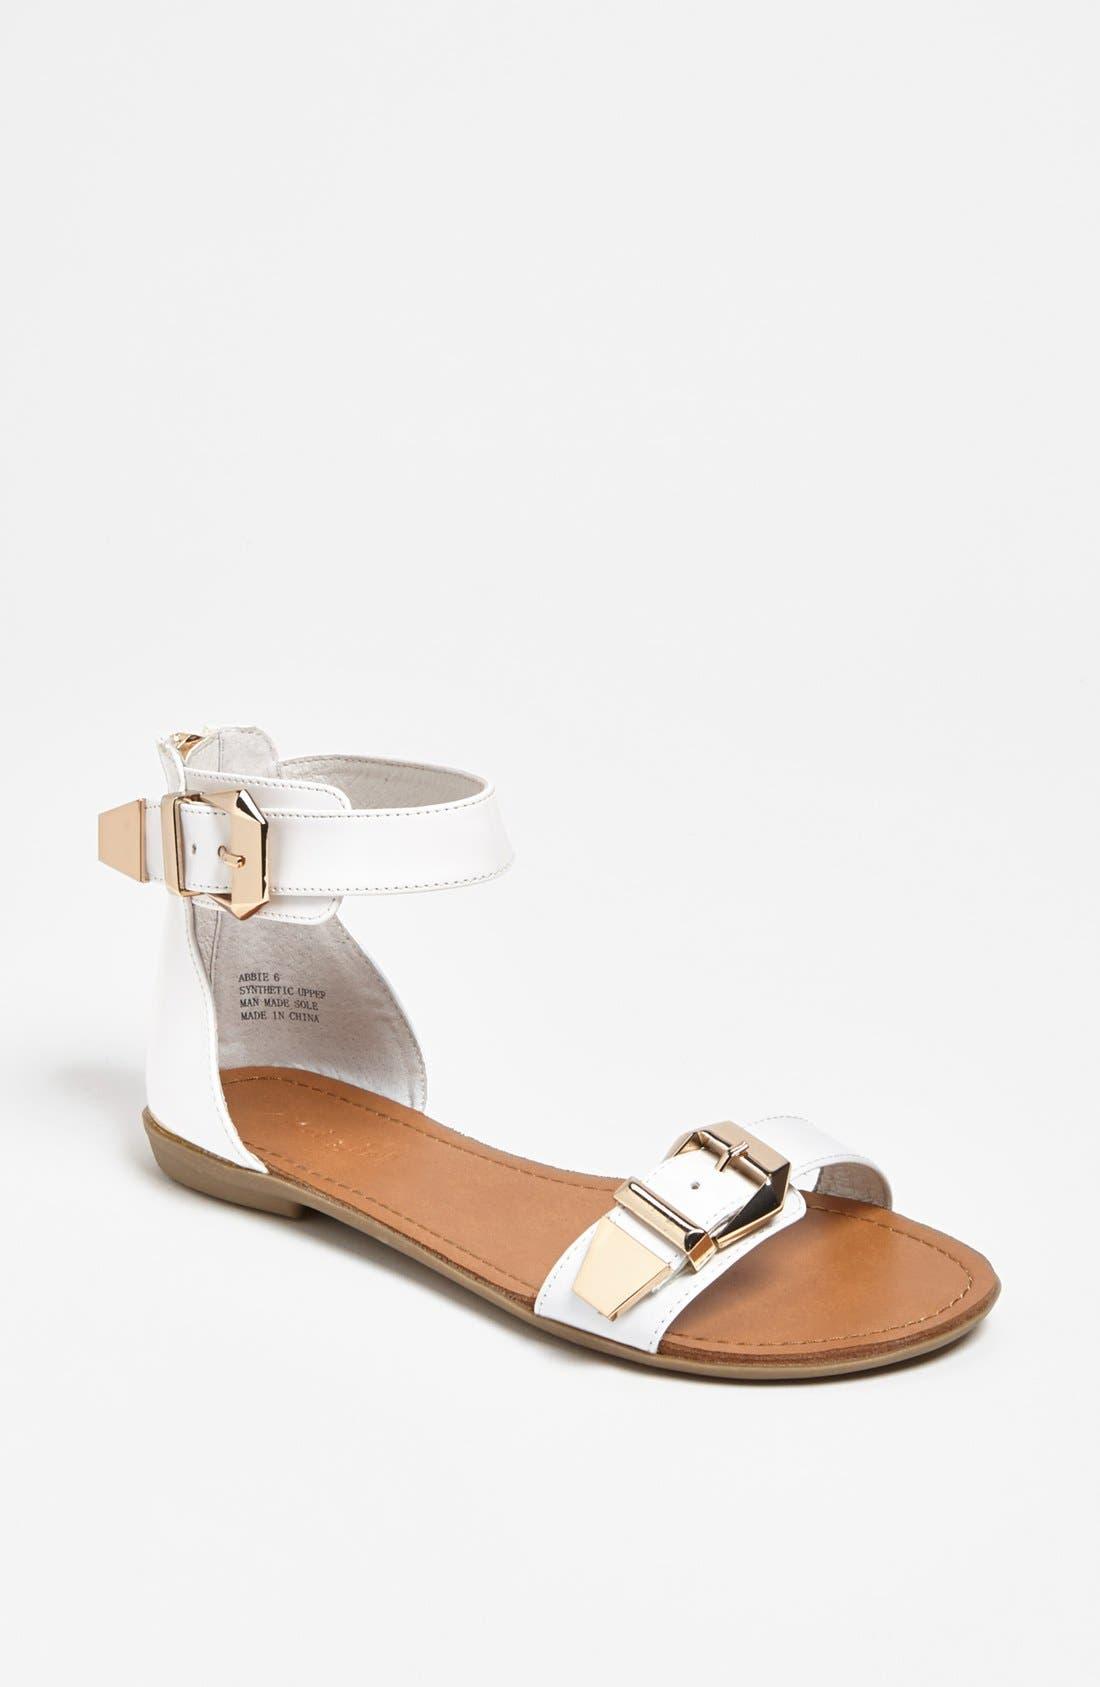 Main Image - ZiGi girl 'Abbie' Sandal